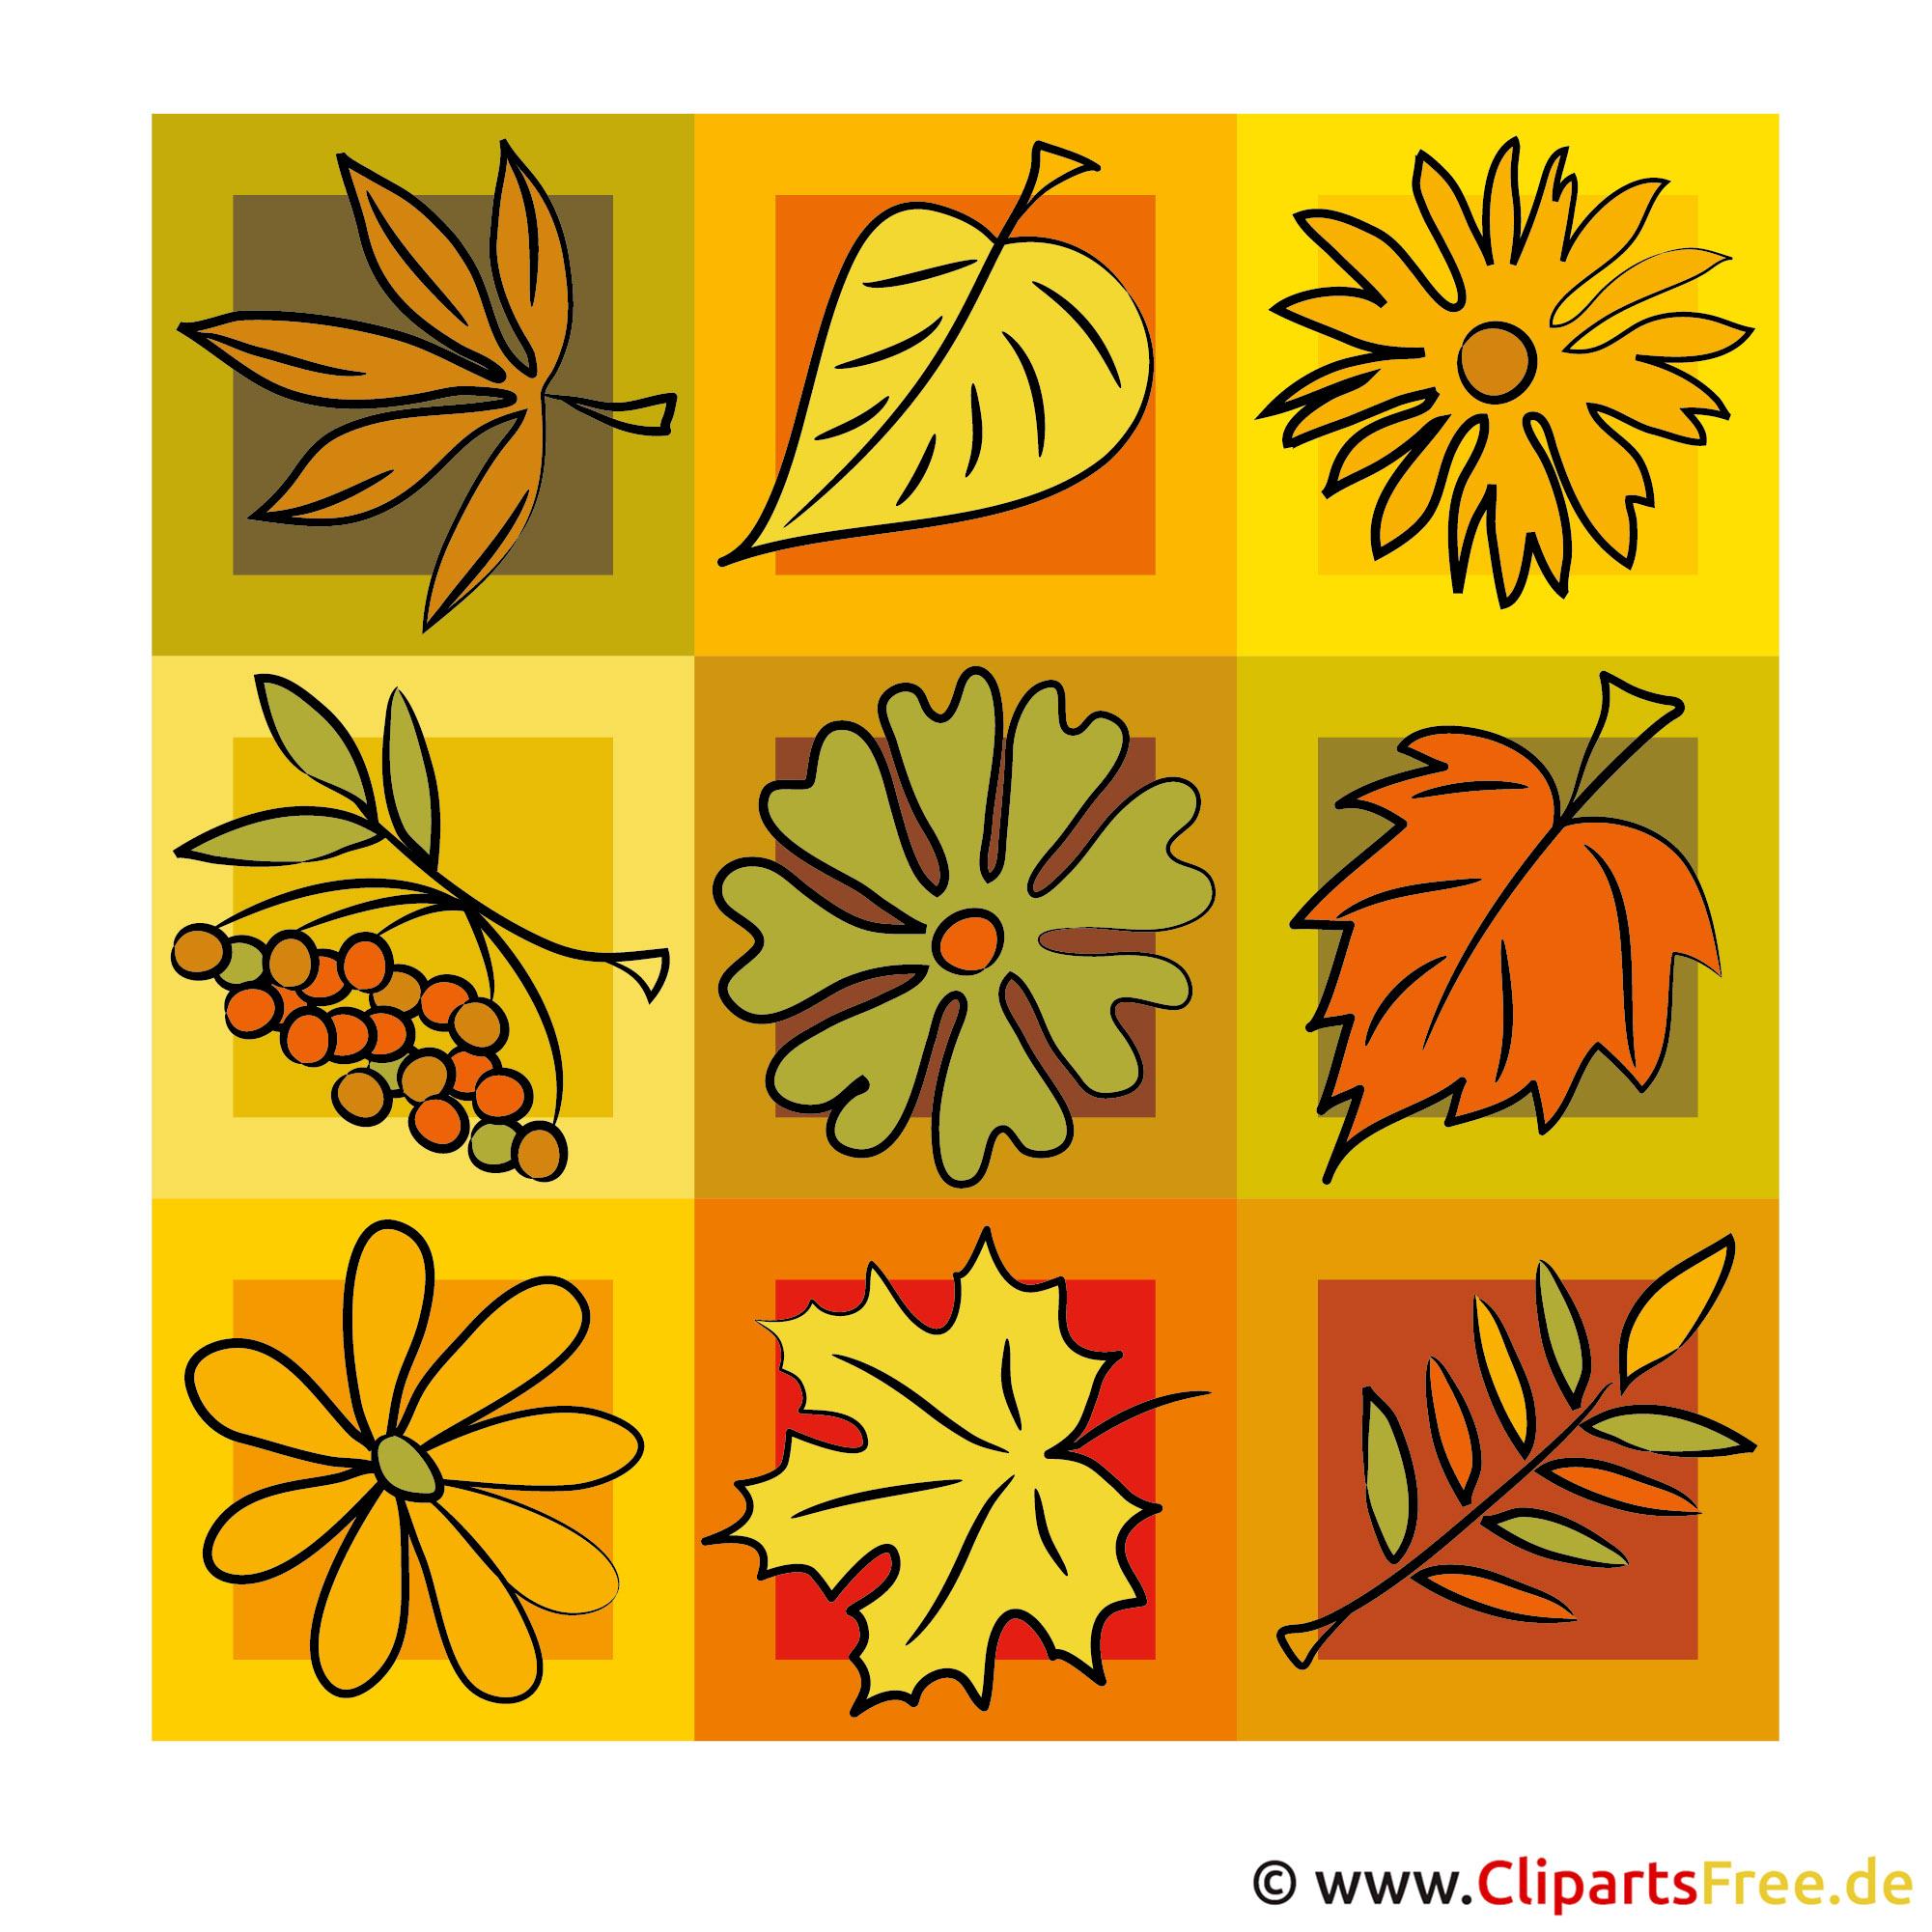 Herbst Bilder gratis zum Runterladen und Ausdrucken